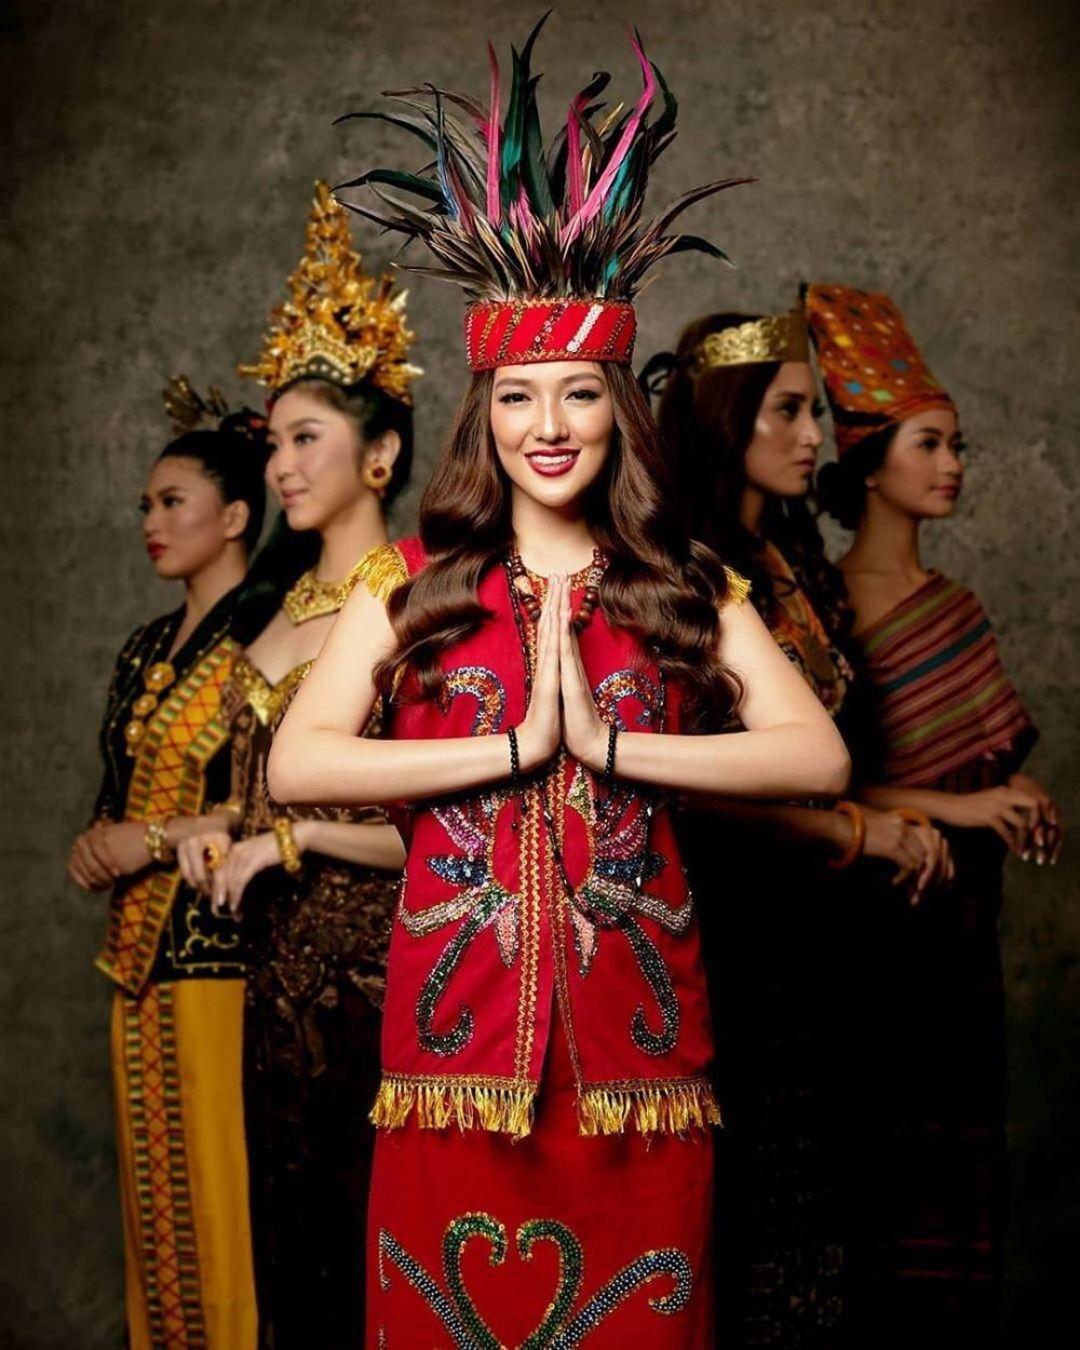 pakaian tradisional kalimantan barat